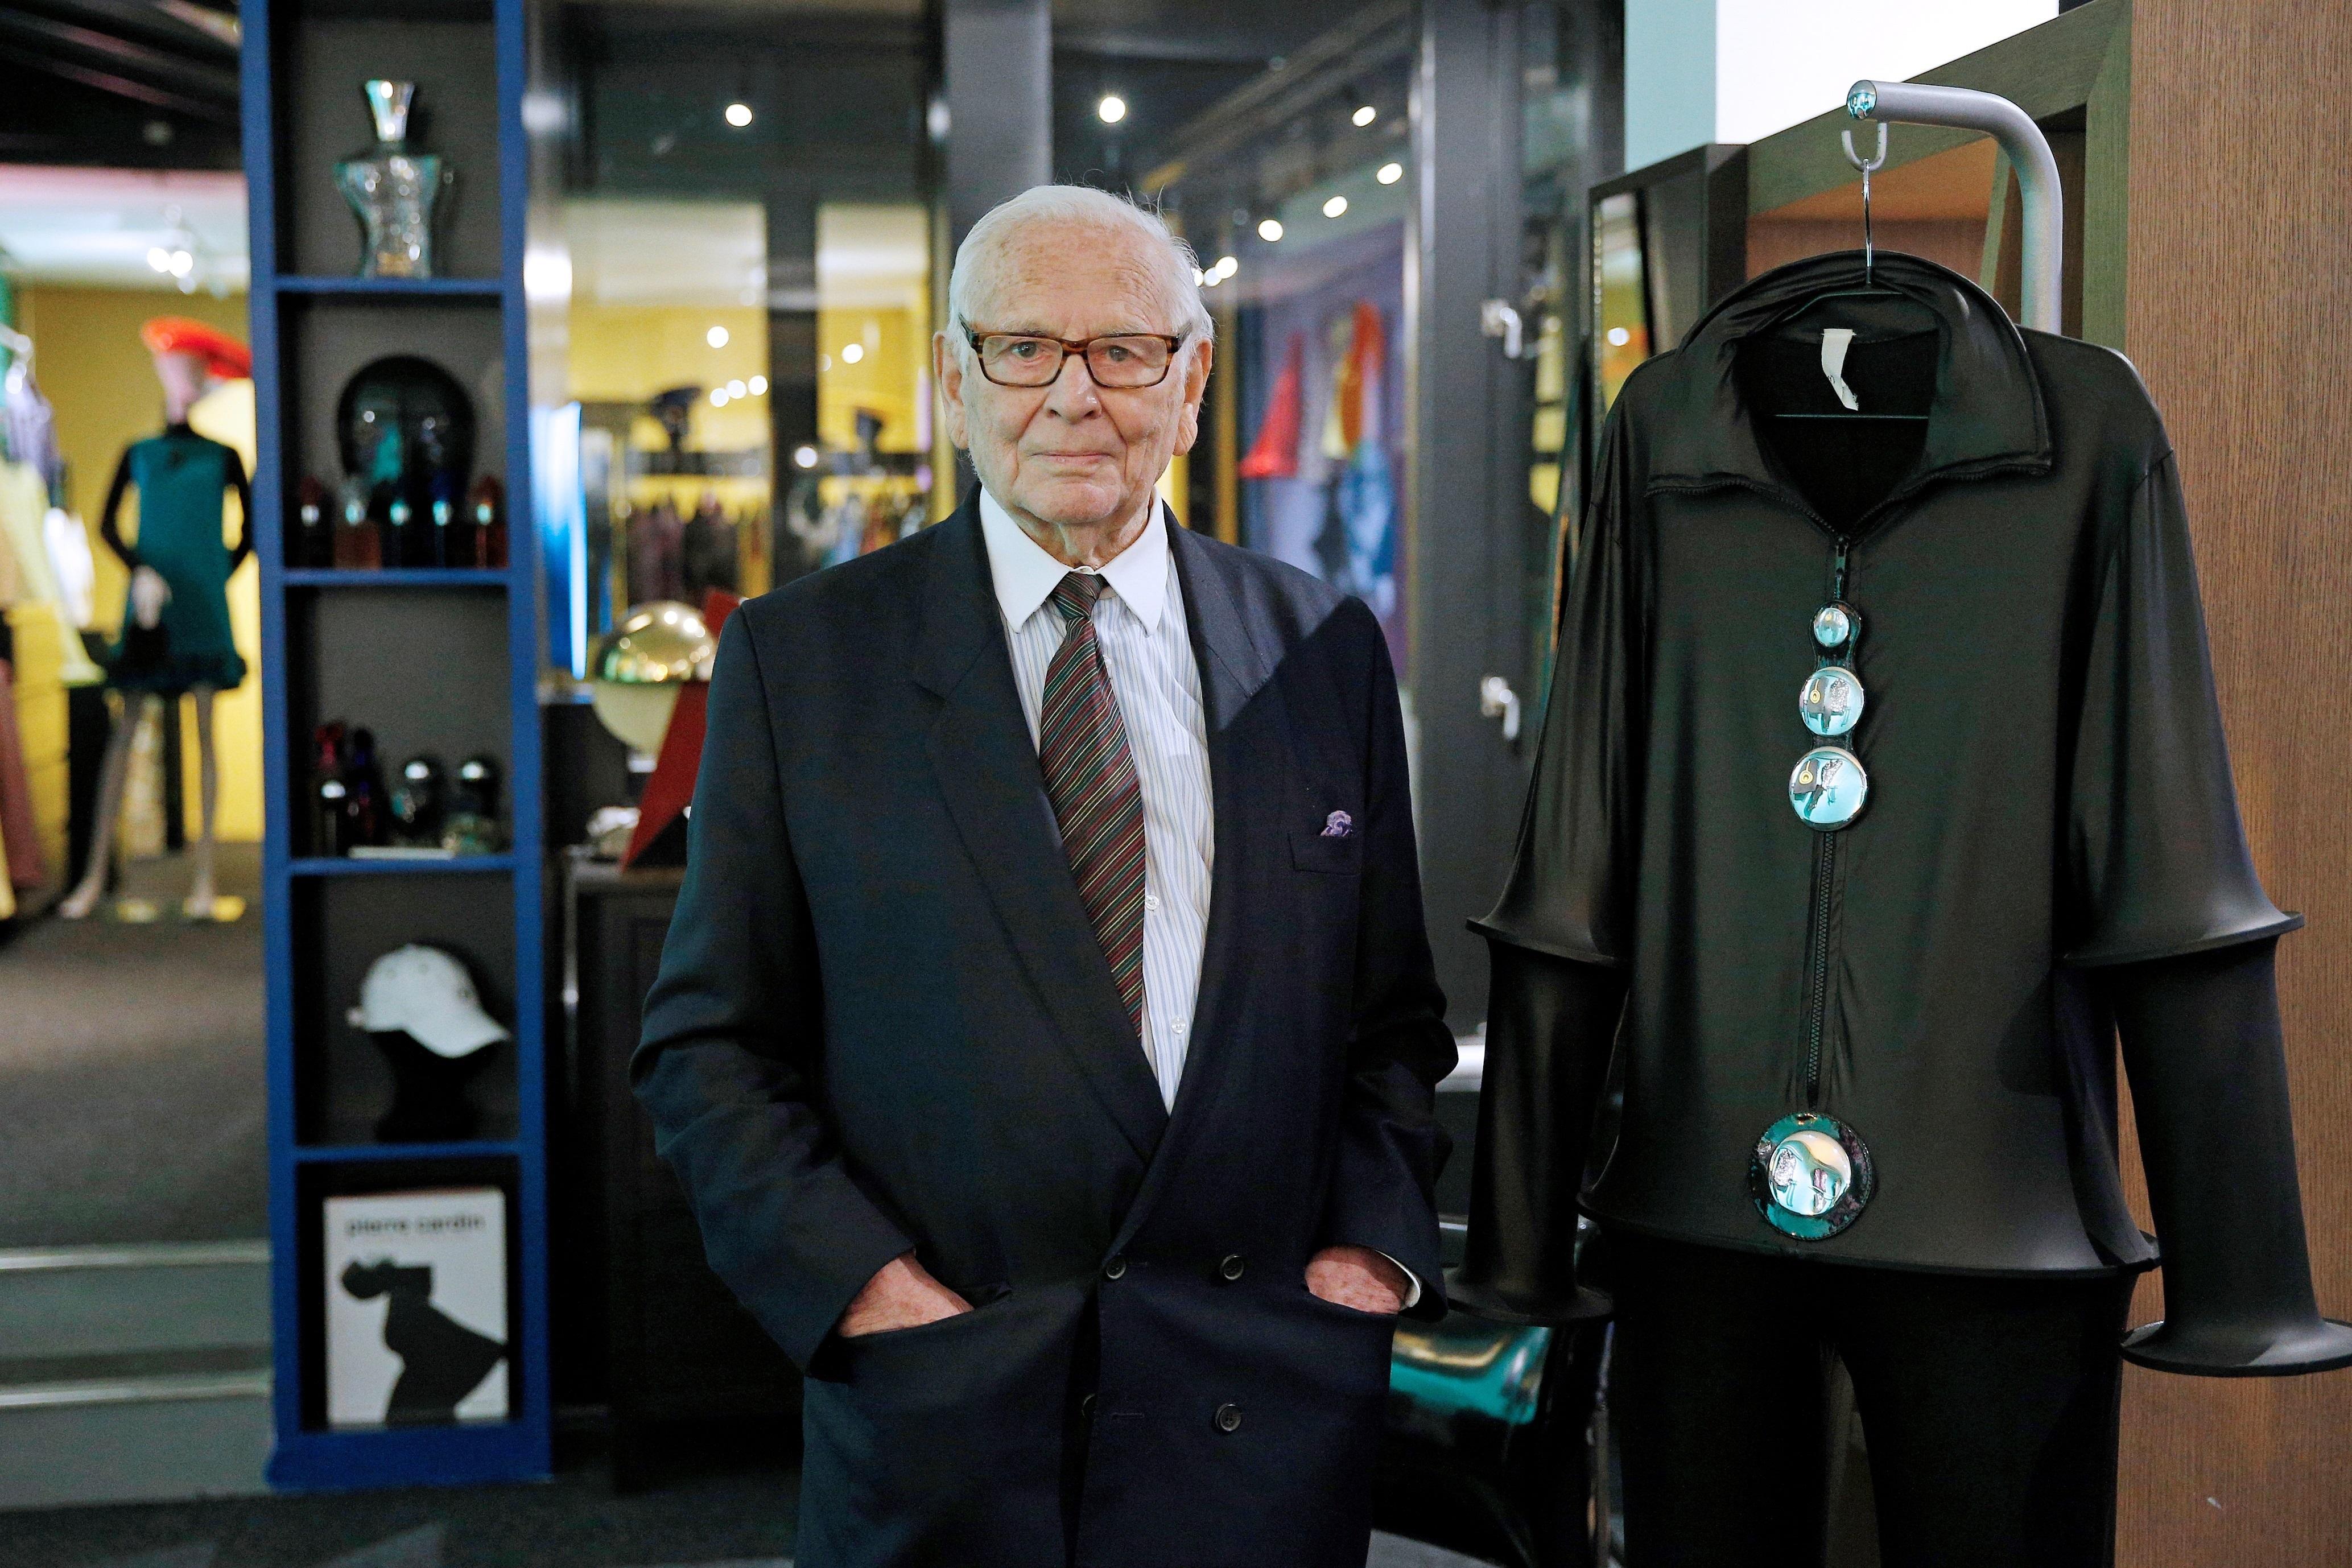 Cardin ha mantenido hasta el fin de sus días su carácter empresarial y su amor por la moda, en un estilo que aunque muchos tachan ahora de pasado, representaba para el diseñador y sus seguidores creaciones atemporales. (EFE)